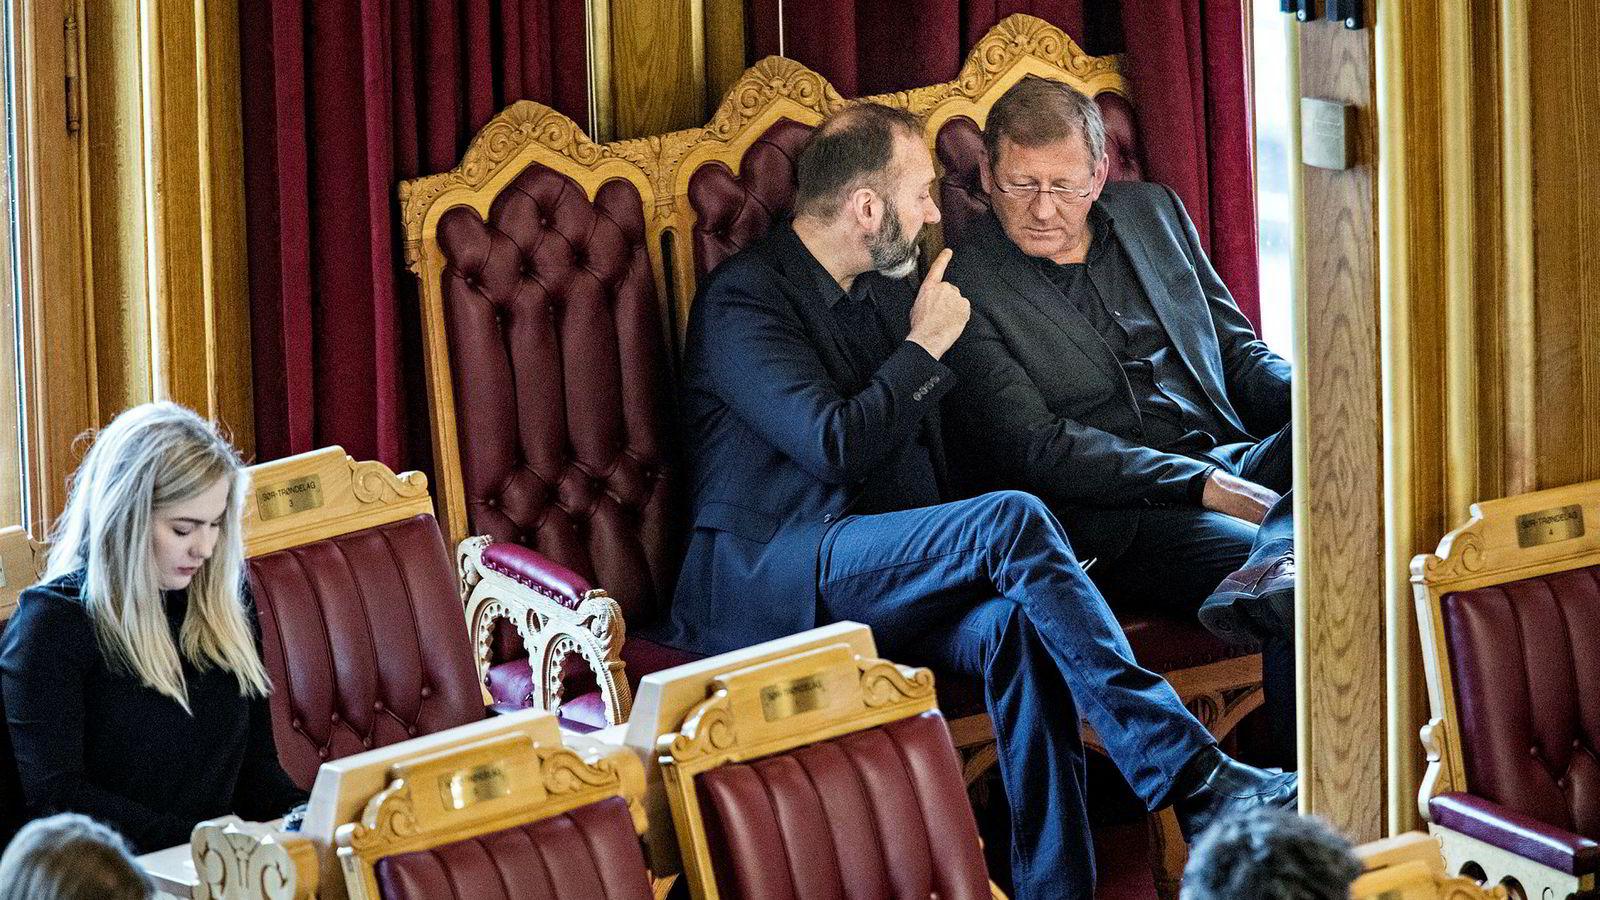 Jorodd Asphjell (til høyre) leder valgkomiteen i Trøndelag Ap, der et forslag om å velge Trond Giske (til venstre) til ny nestleder i fylkespartiet skaper strid. Her er de to i samtale i stortingssalen under en spørretime i fjor.